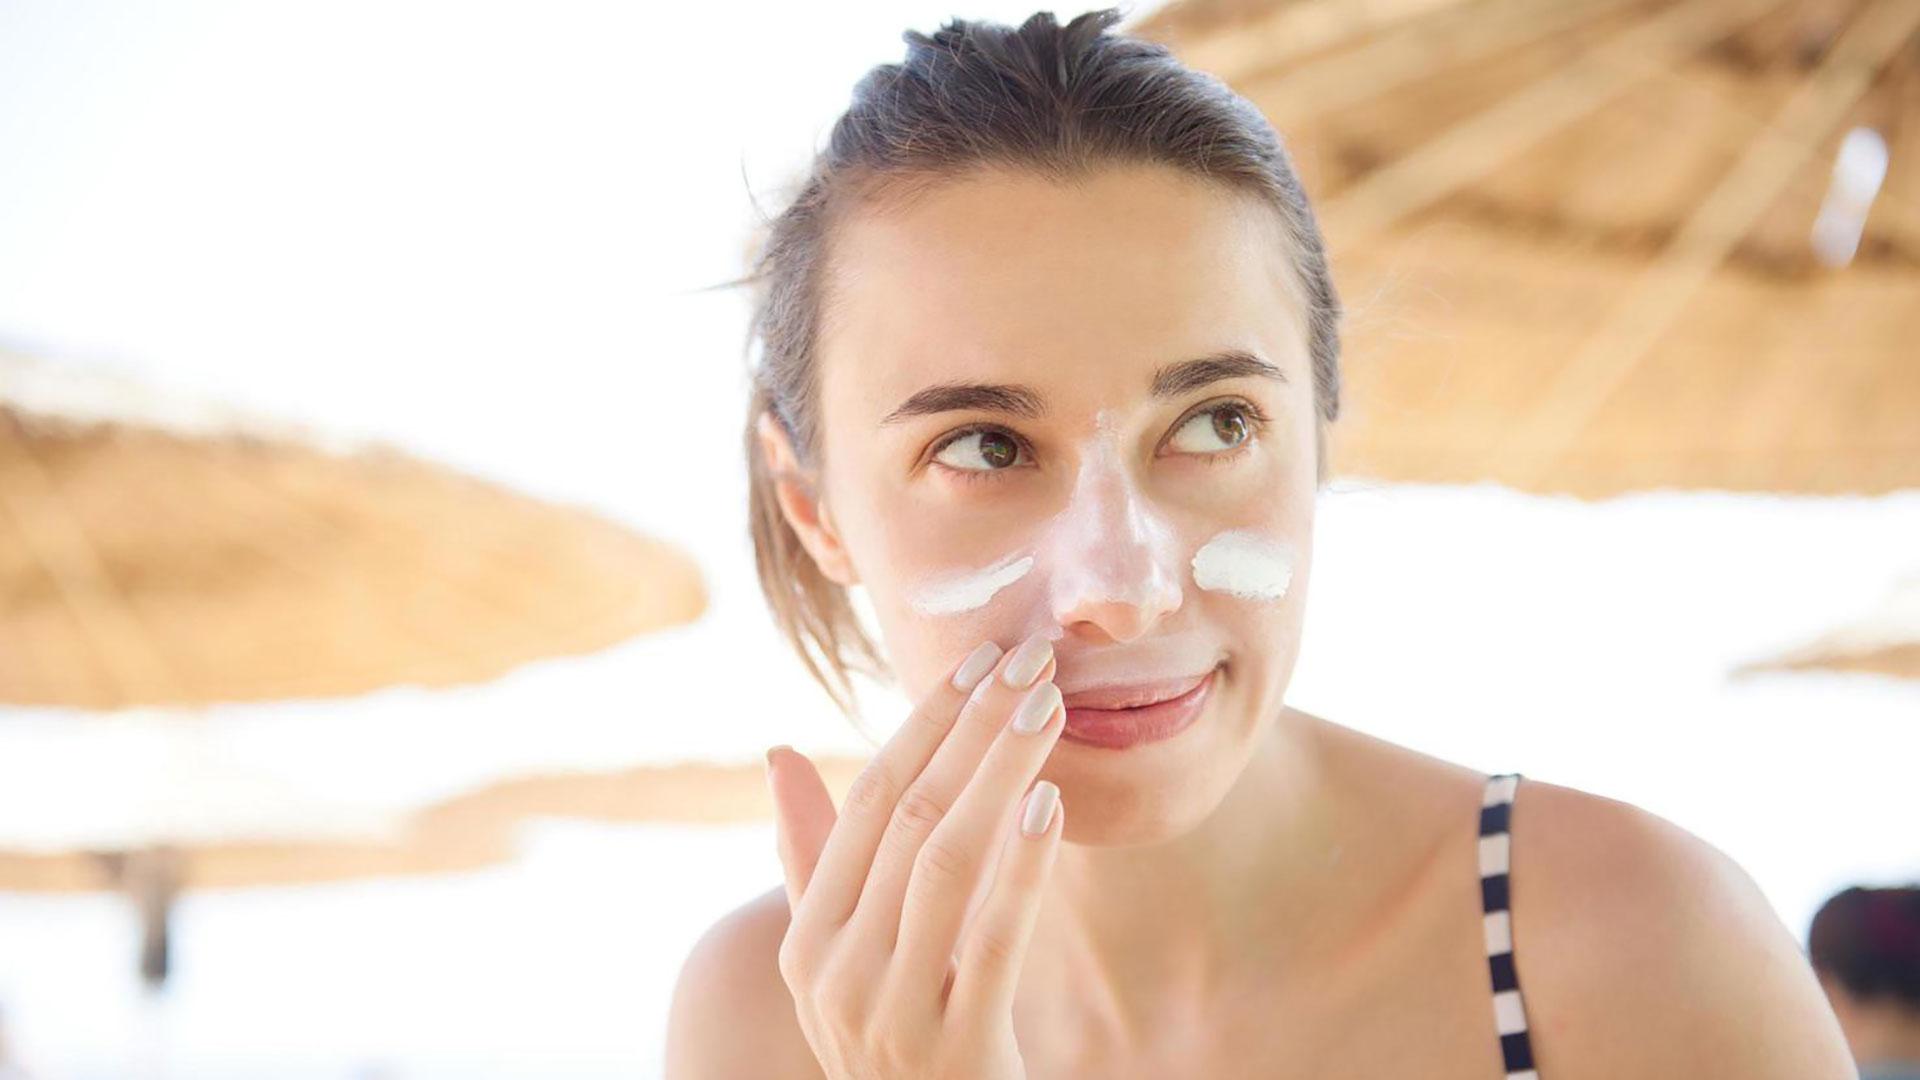 Abitudini che possono danneggiare la pelle